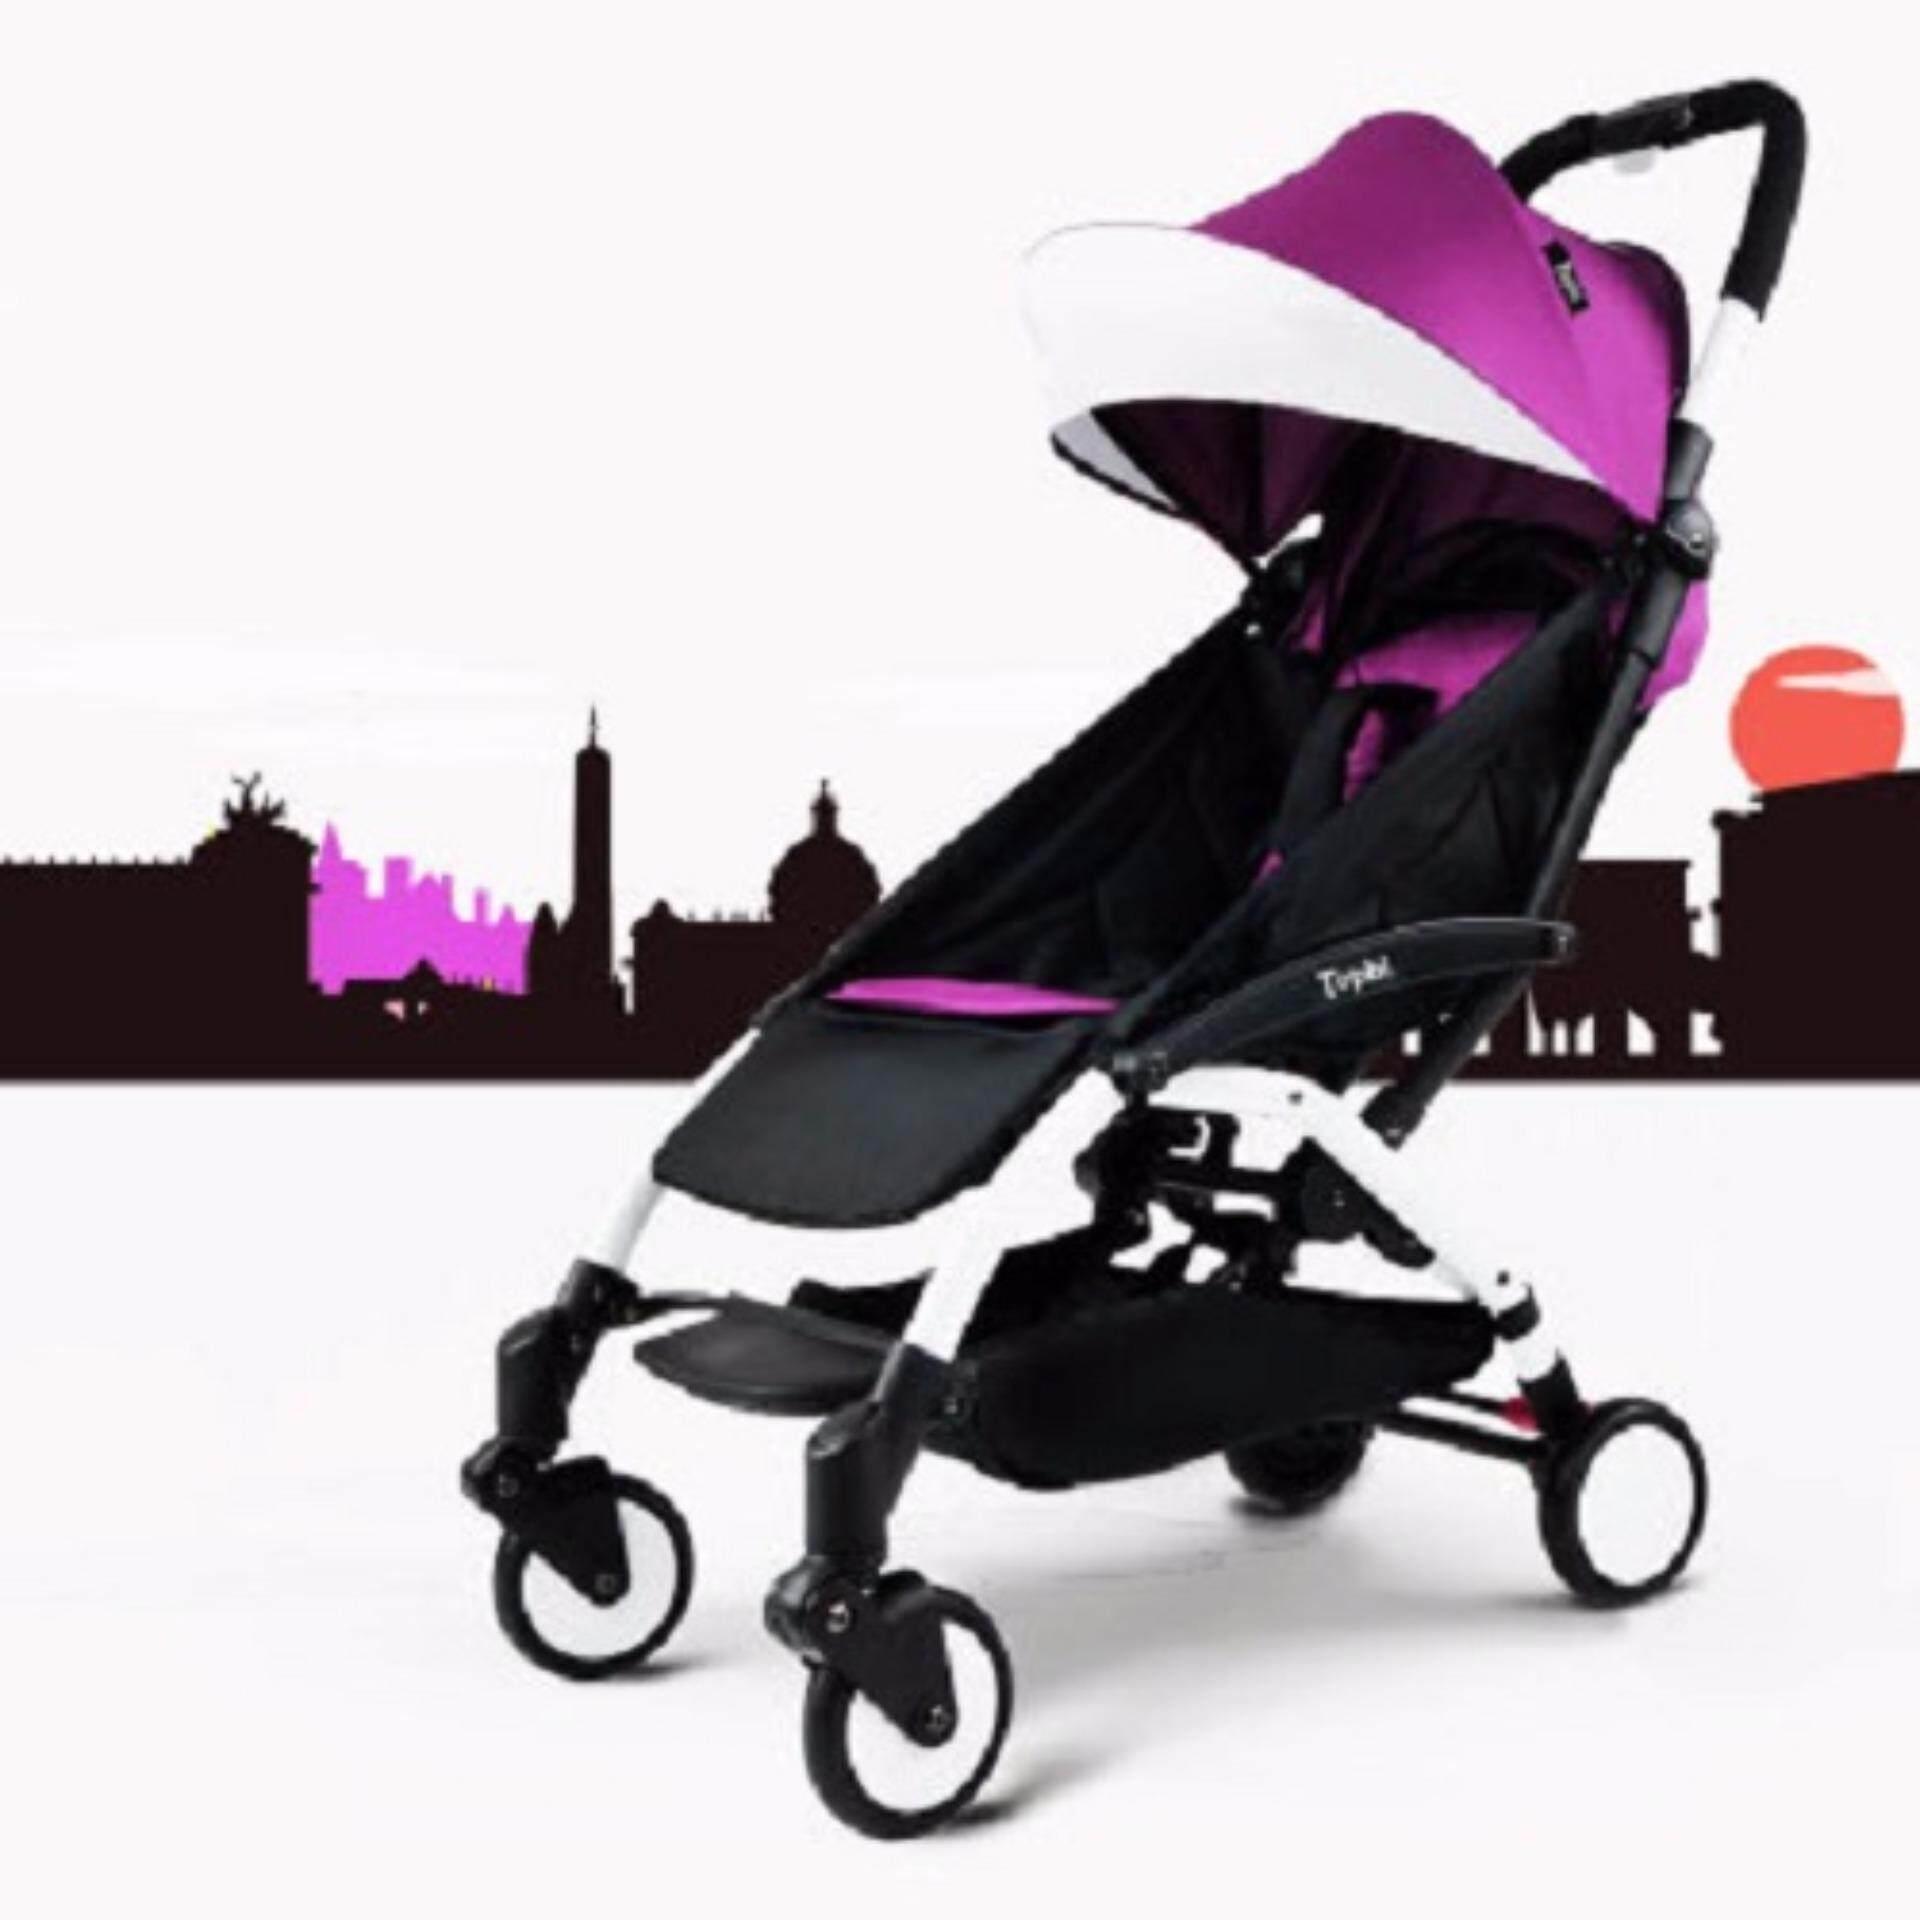 Sale FashionDoor อุปกรณ์เสริมรถเข็นเด็ก ฤดูร้อนปลอดภัยรถเข็นเด็กแมลงคลุมทั้งหมดตาข่ายกันยุงเด็กรถเข็นเด็ก Netti - INTL ของแท้ ส่งฟรี